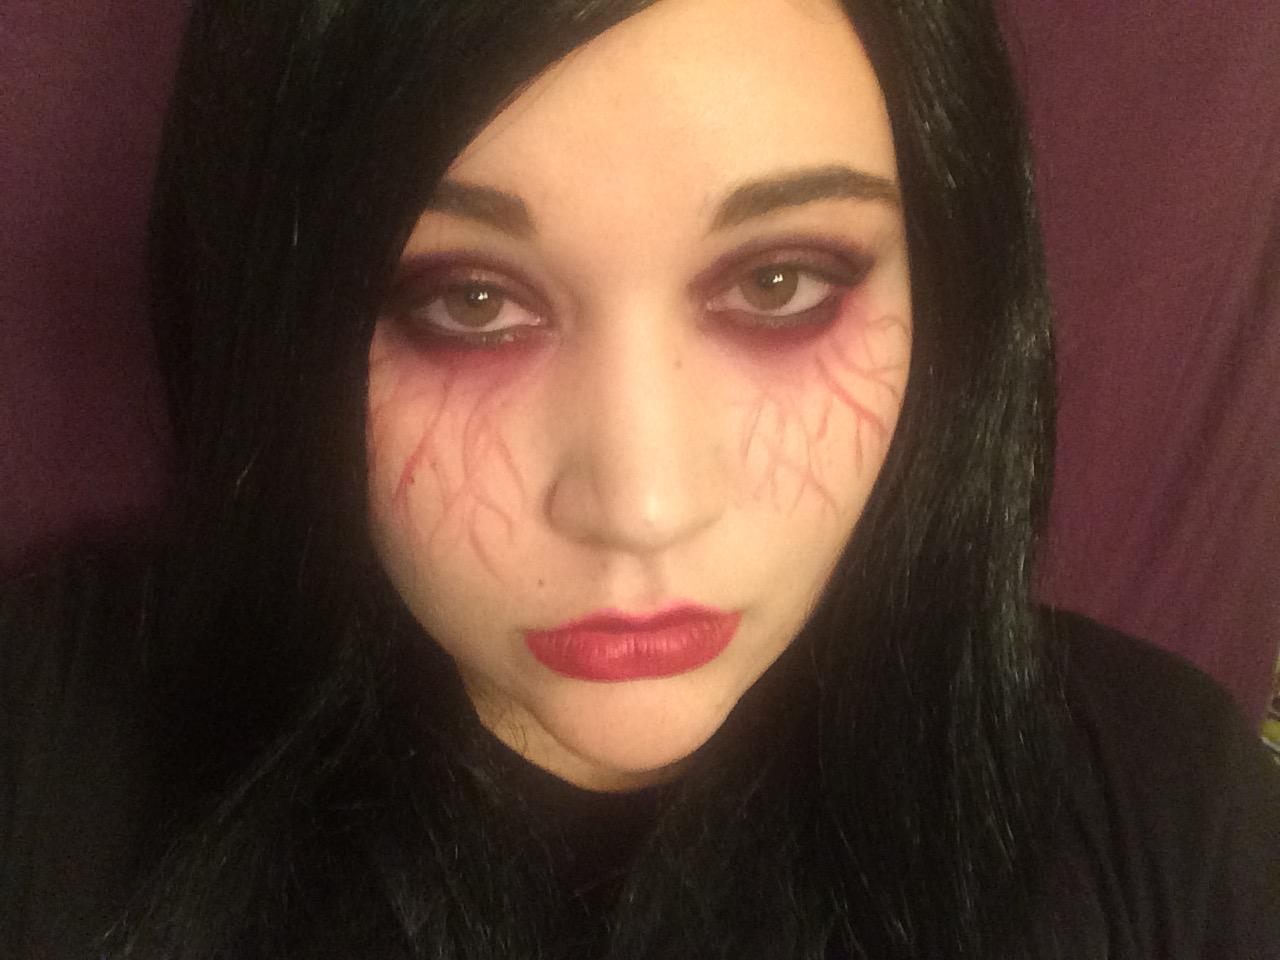 Vampire Makeup Look Storybook Apothecary - Vampire Makeup